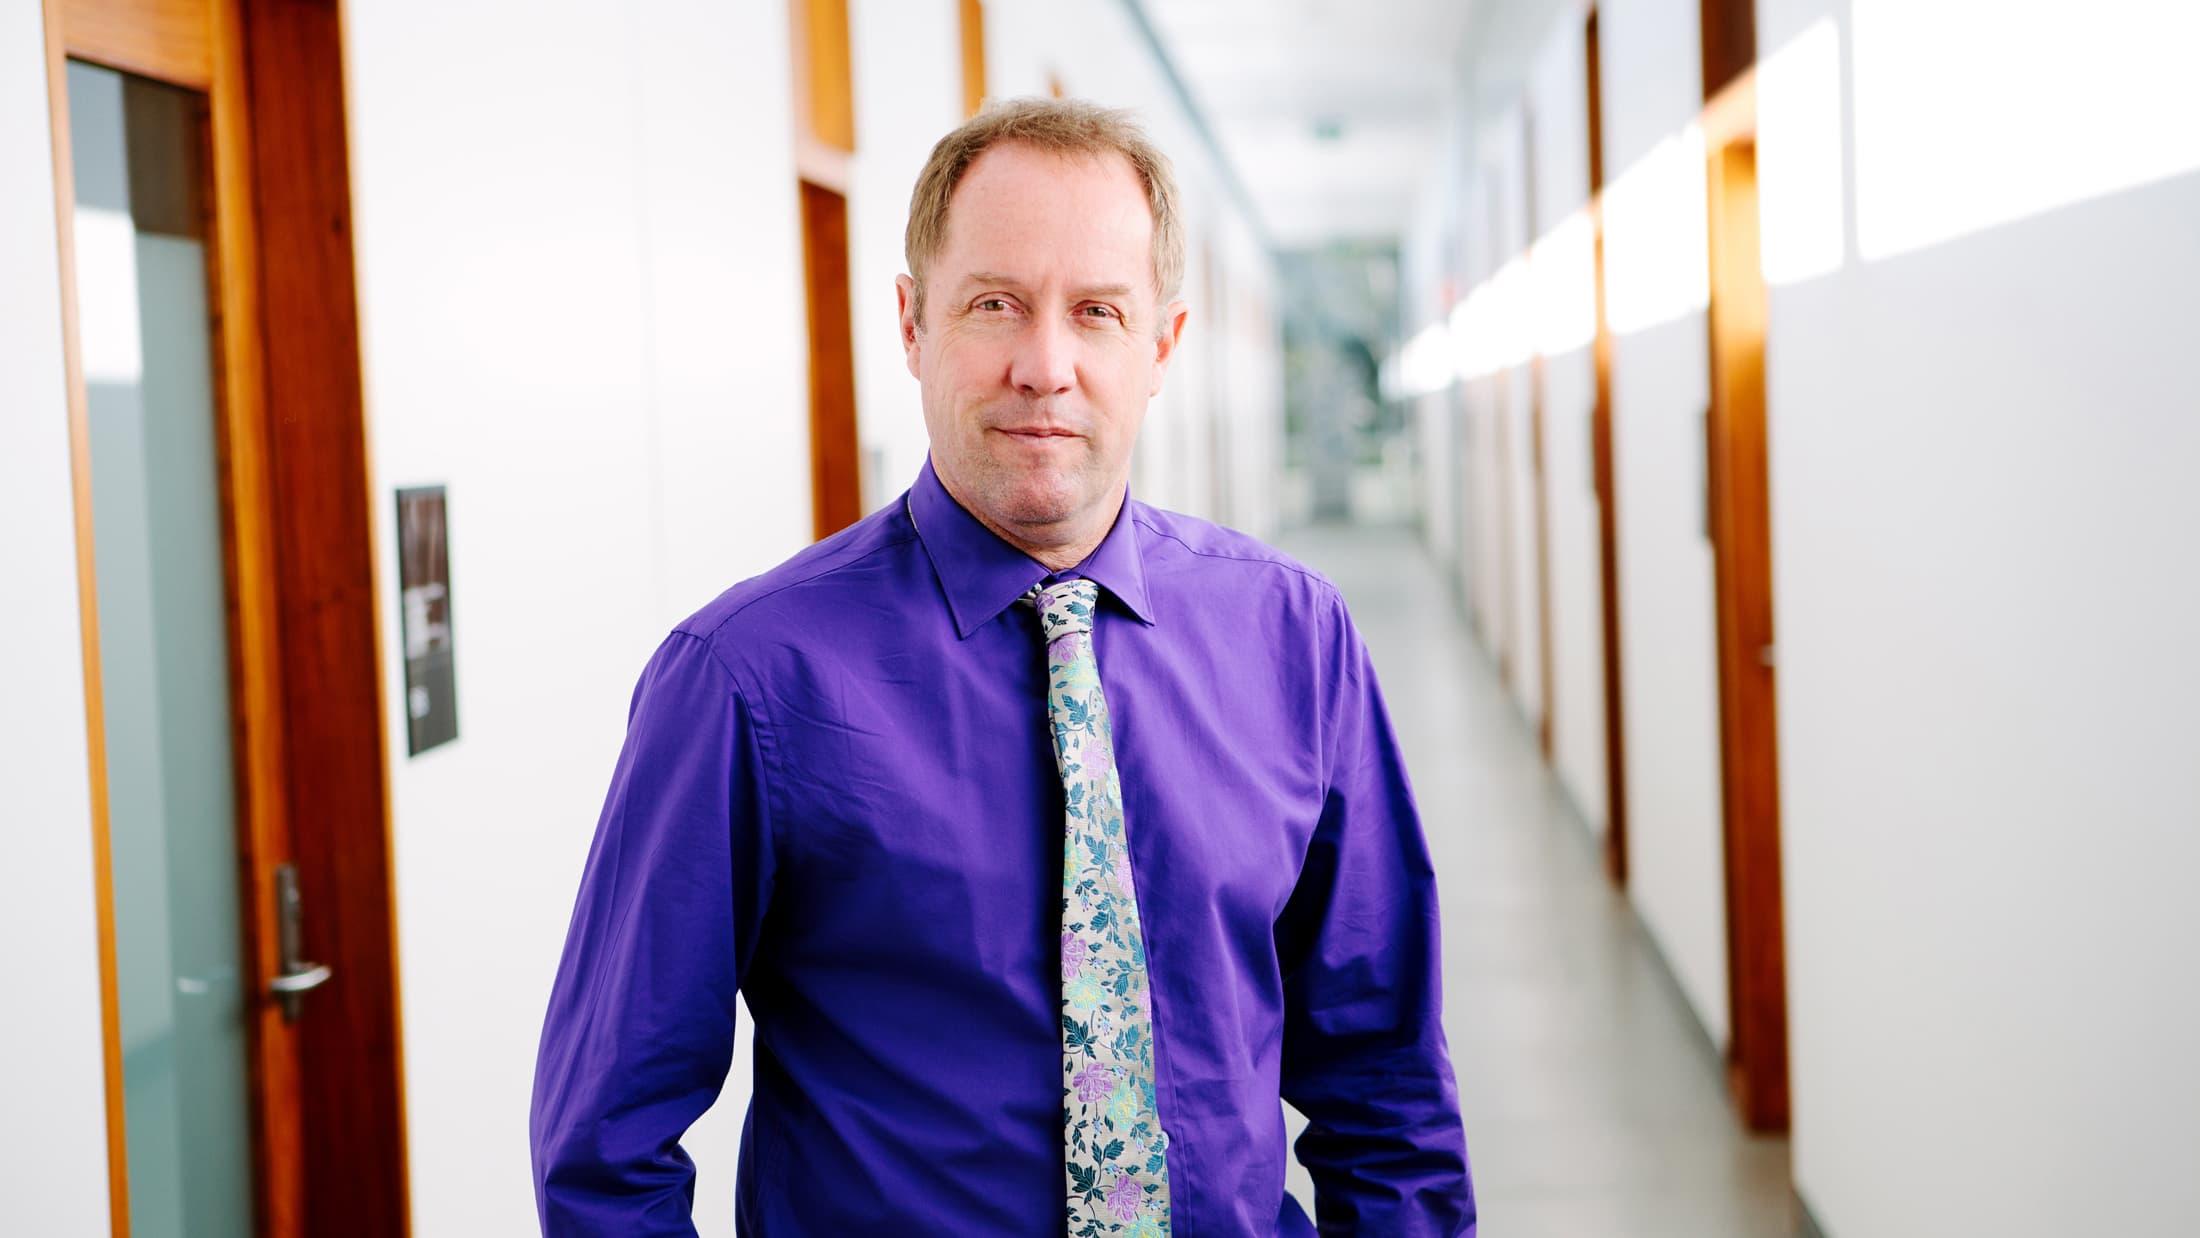 TERN welcomes new Advisory Board Chair, Hugh Possingham FAA